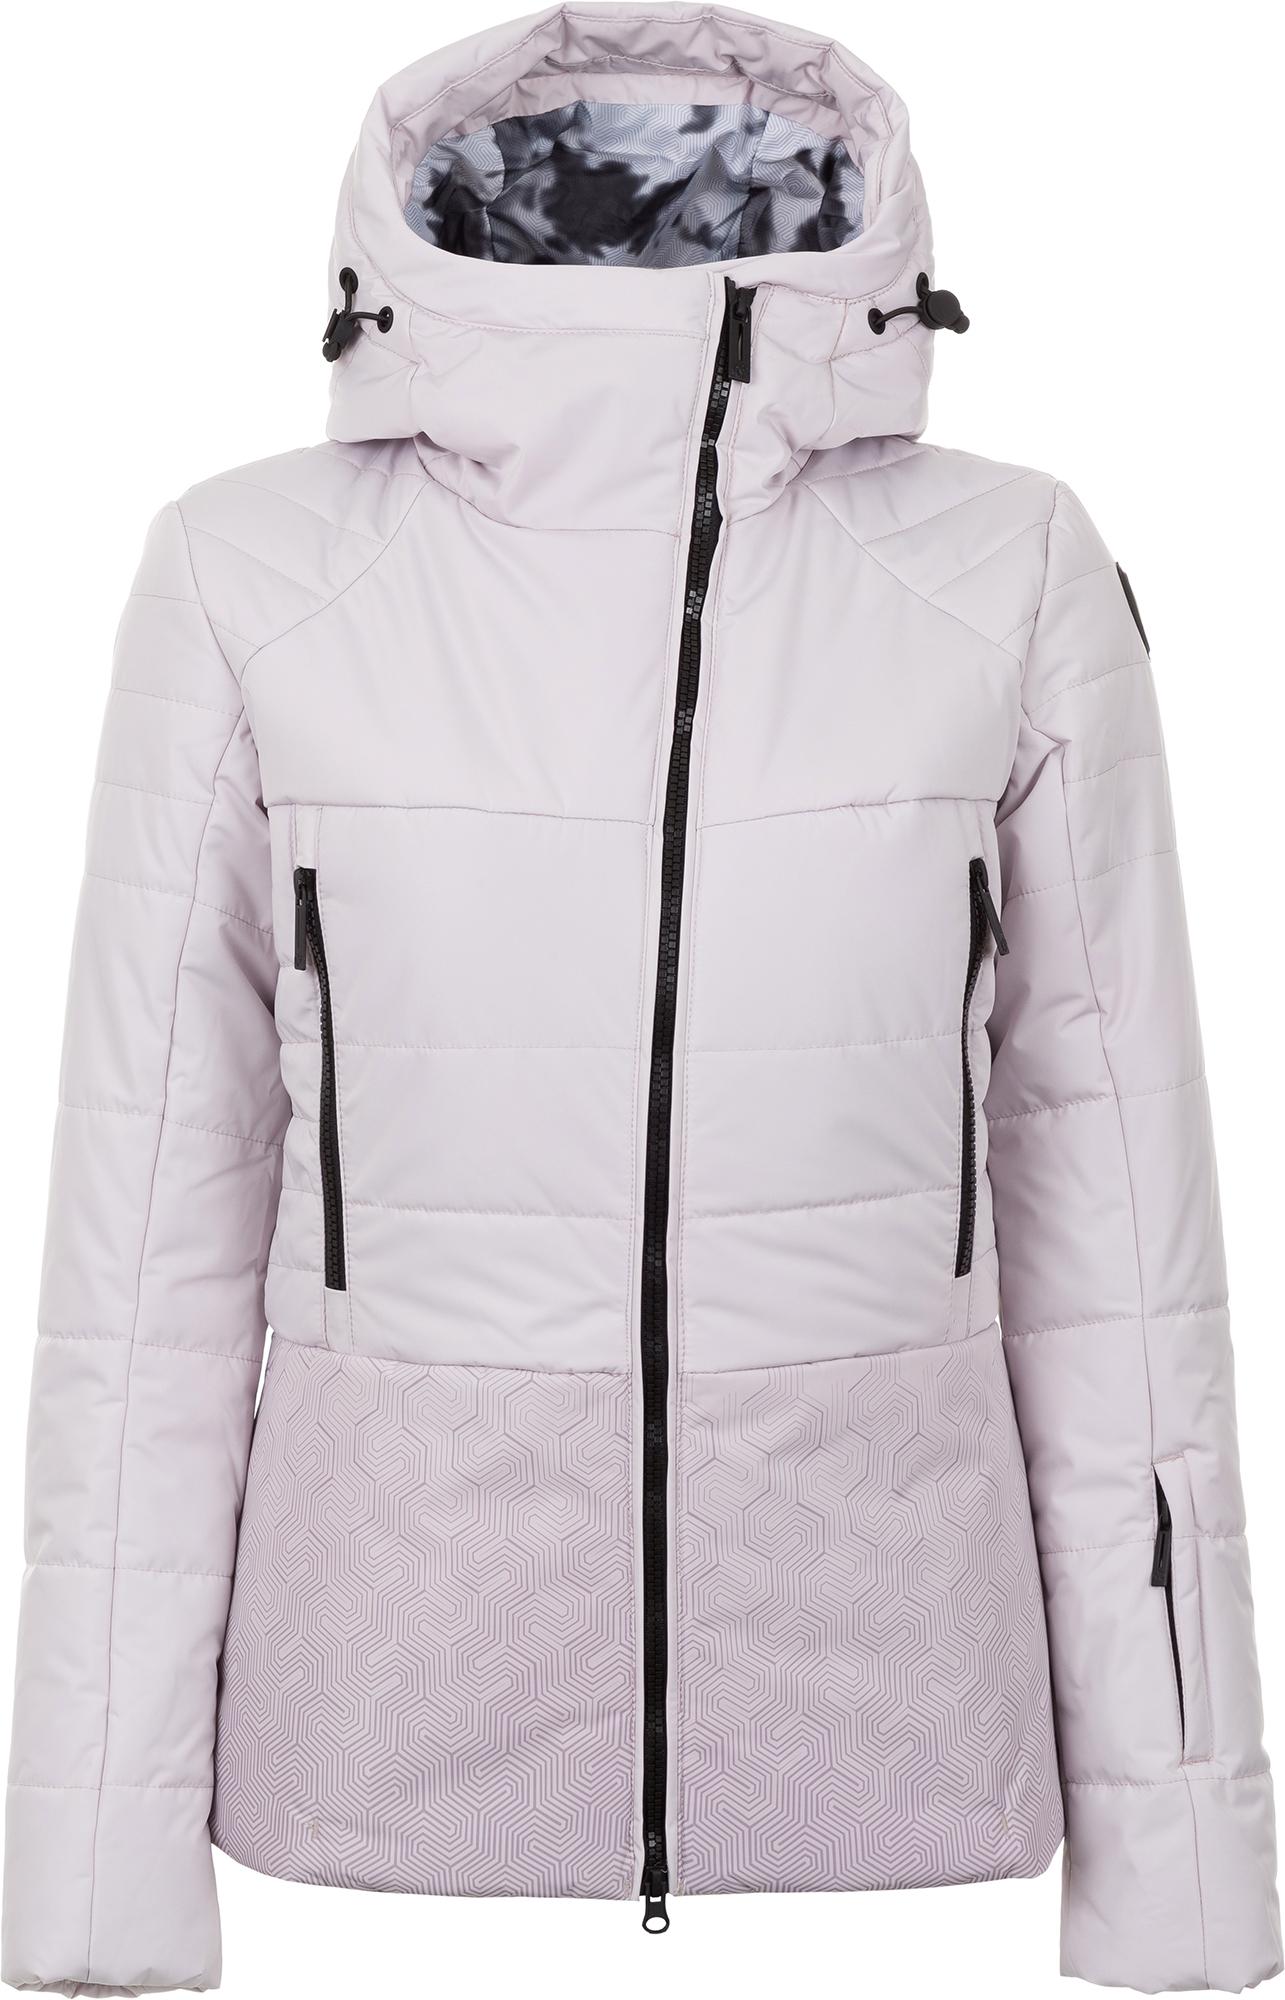 купить Glissade Куртка утепленная женская Glissade, размер 54 по цене 6999 рублей